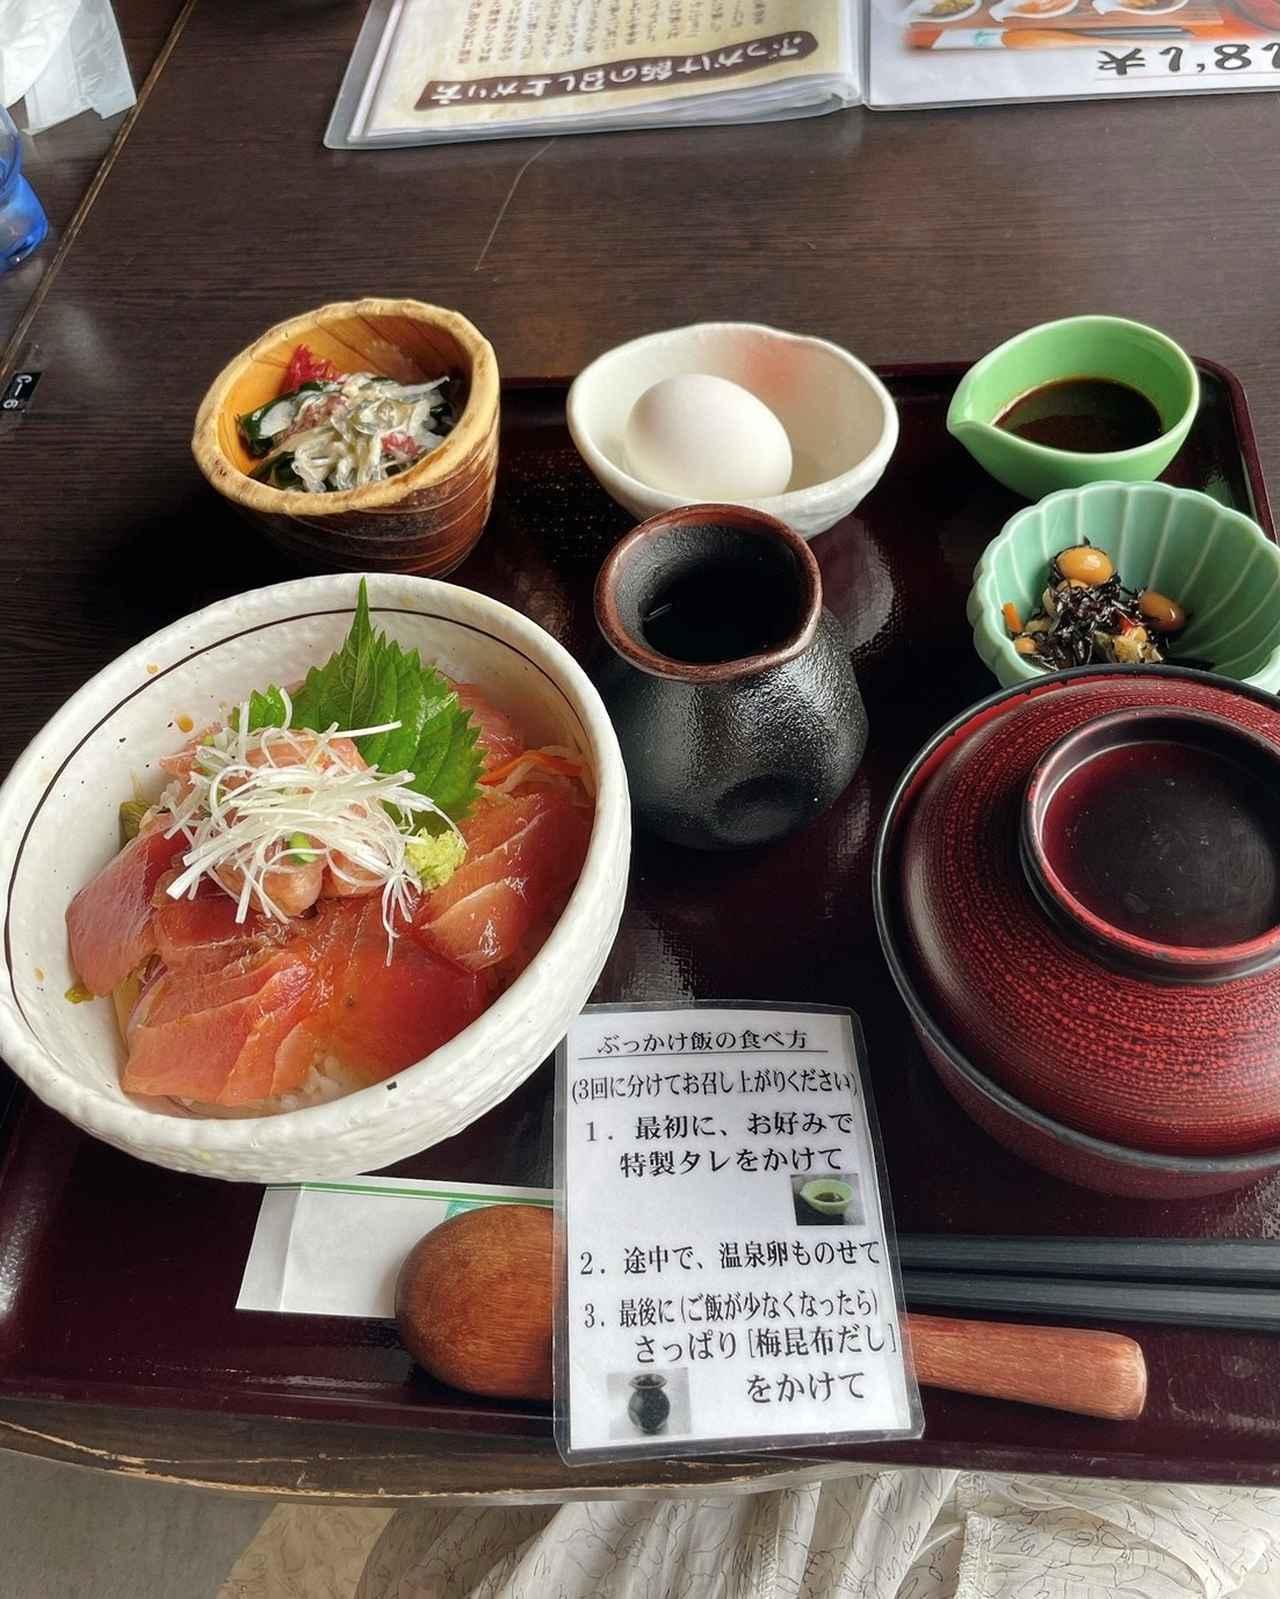 画像: 西伊豆のぶっかけ飯という漁師飯。お茶漬けにするのもおいしかったです!!